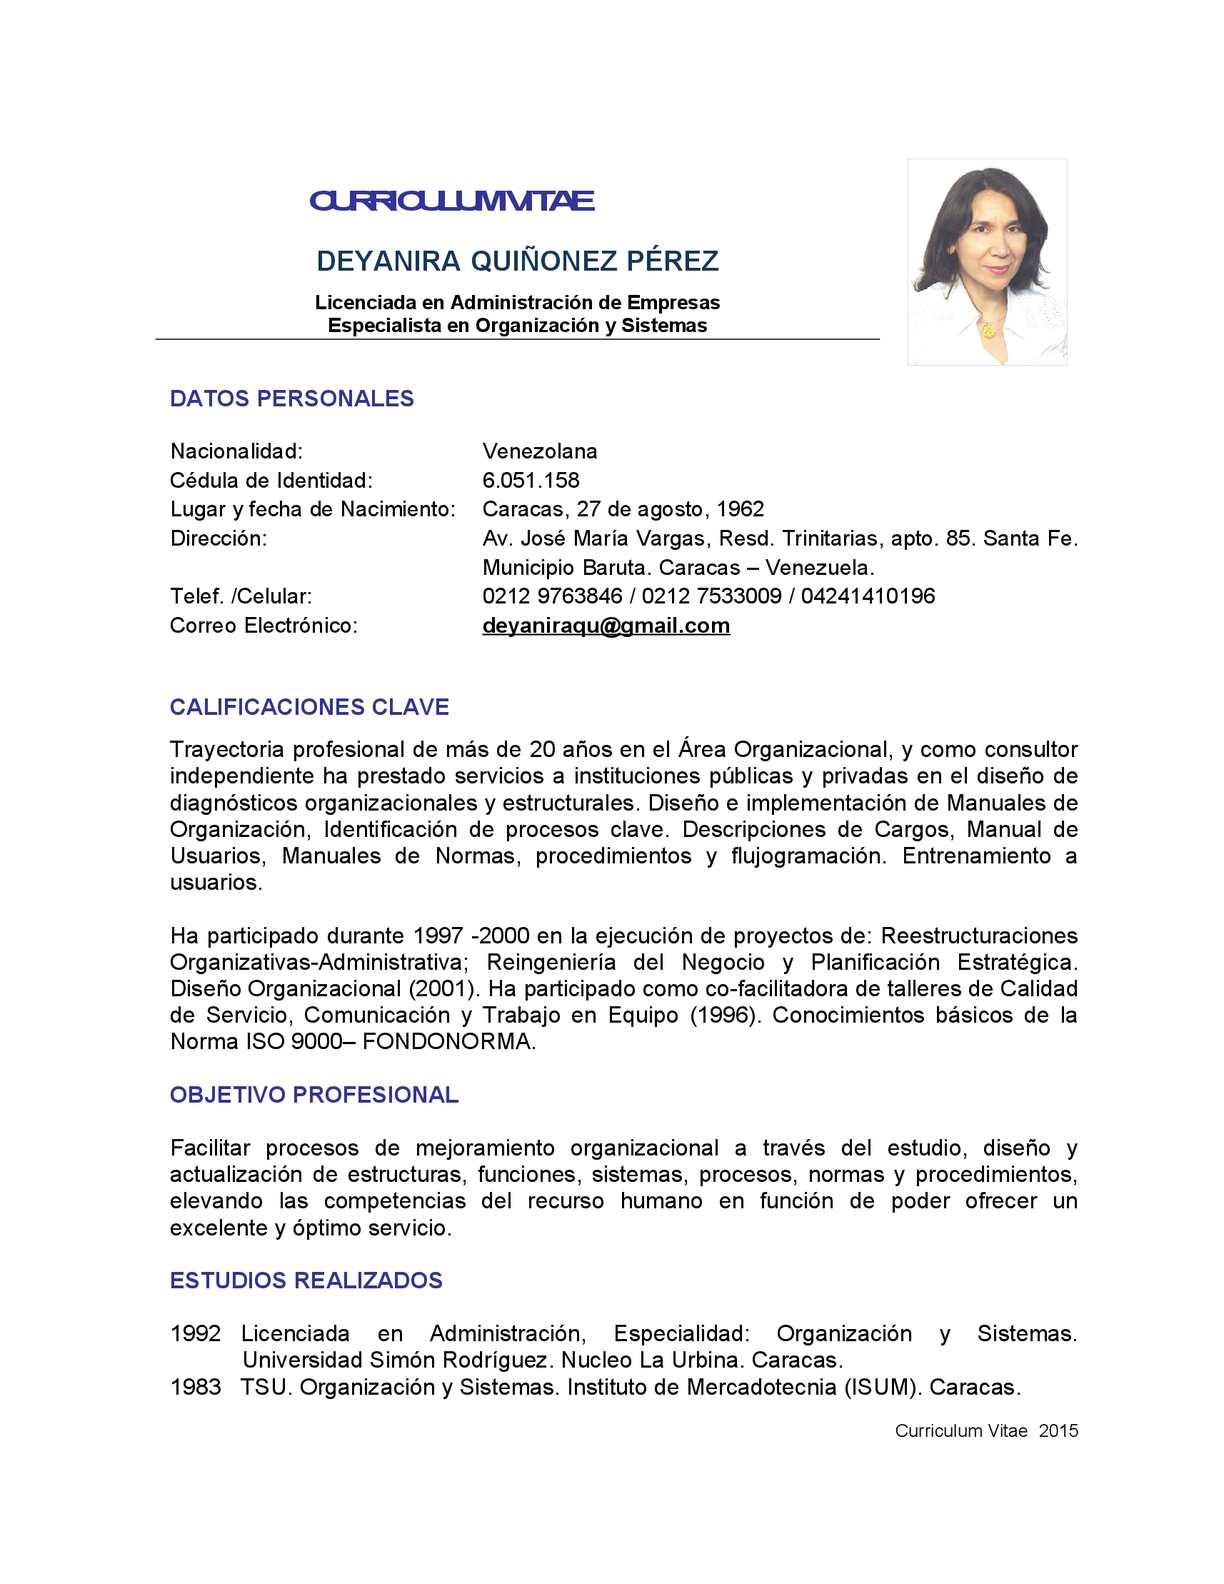 Calaméo - Curriculum Vitae 2015 Dq